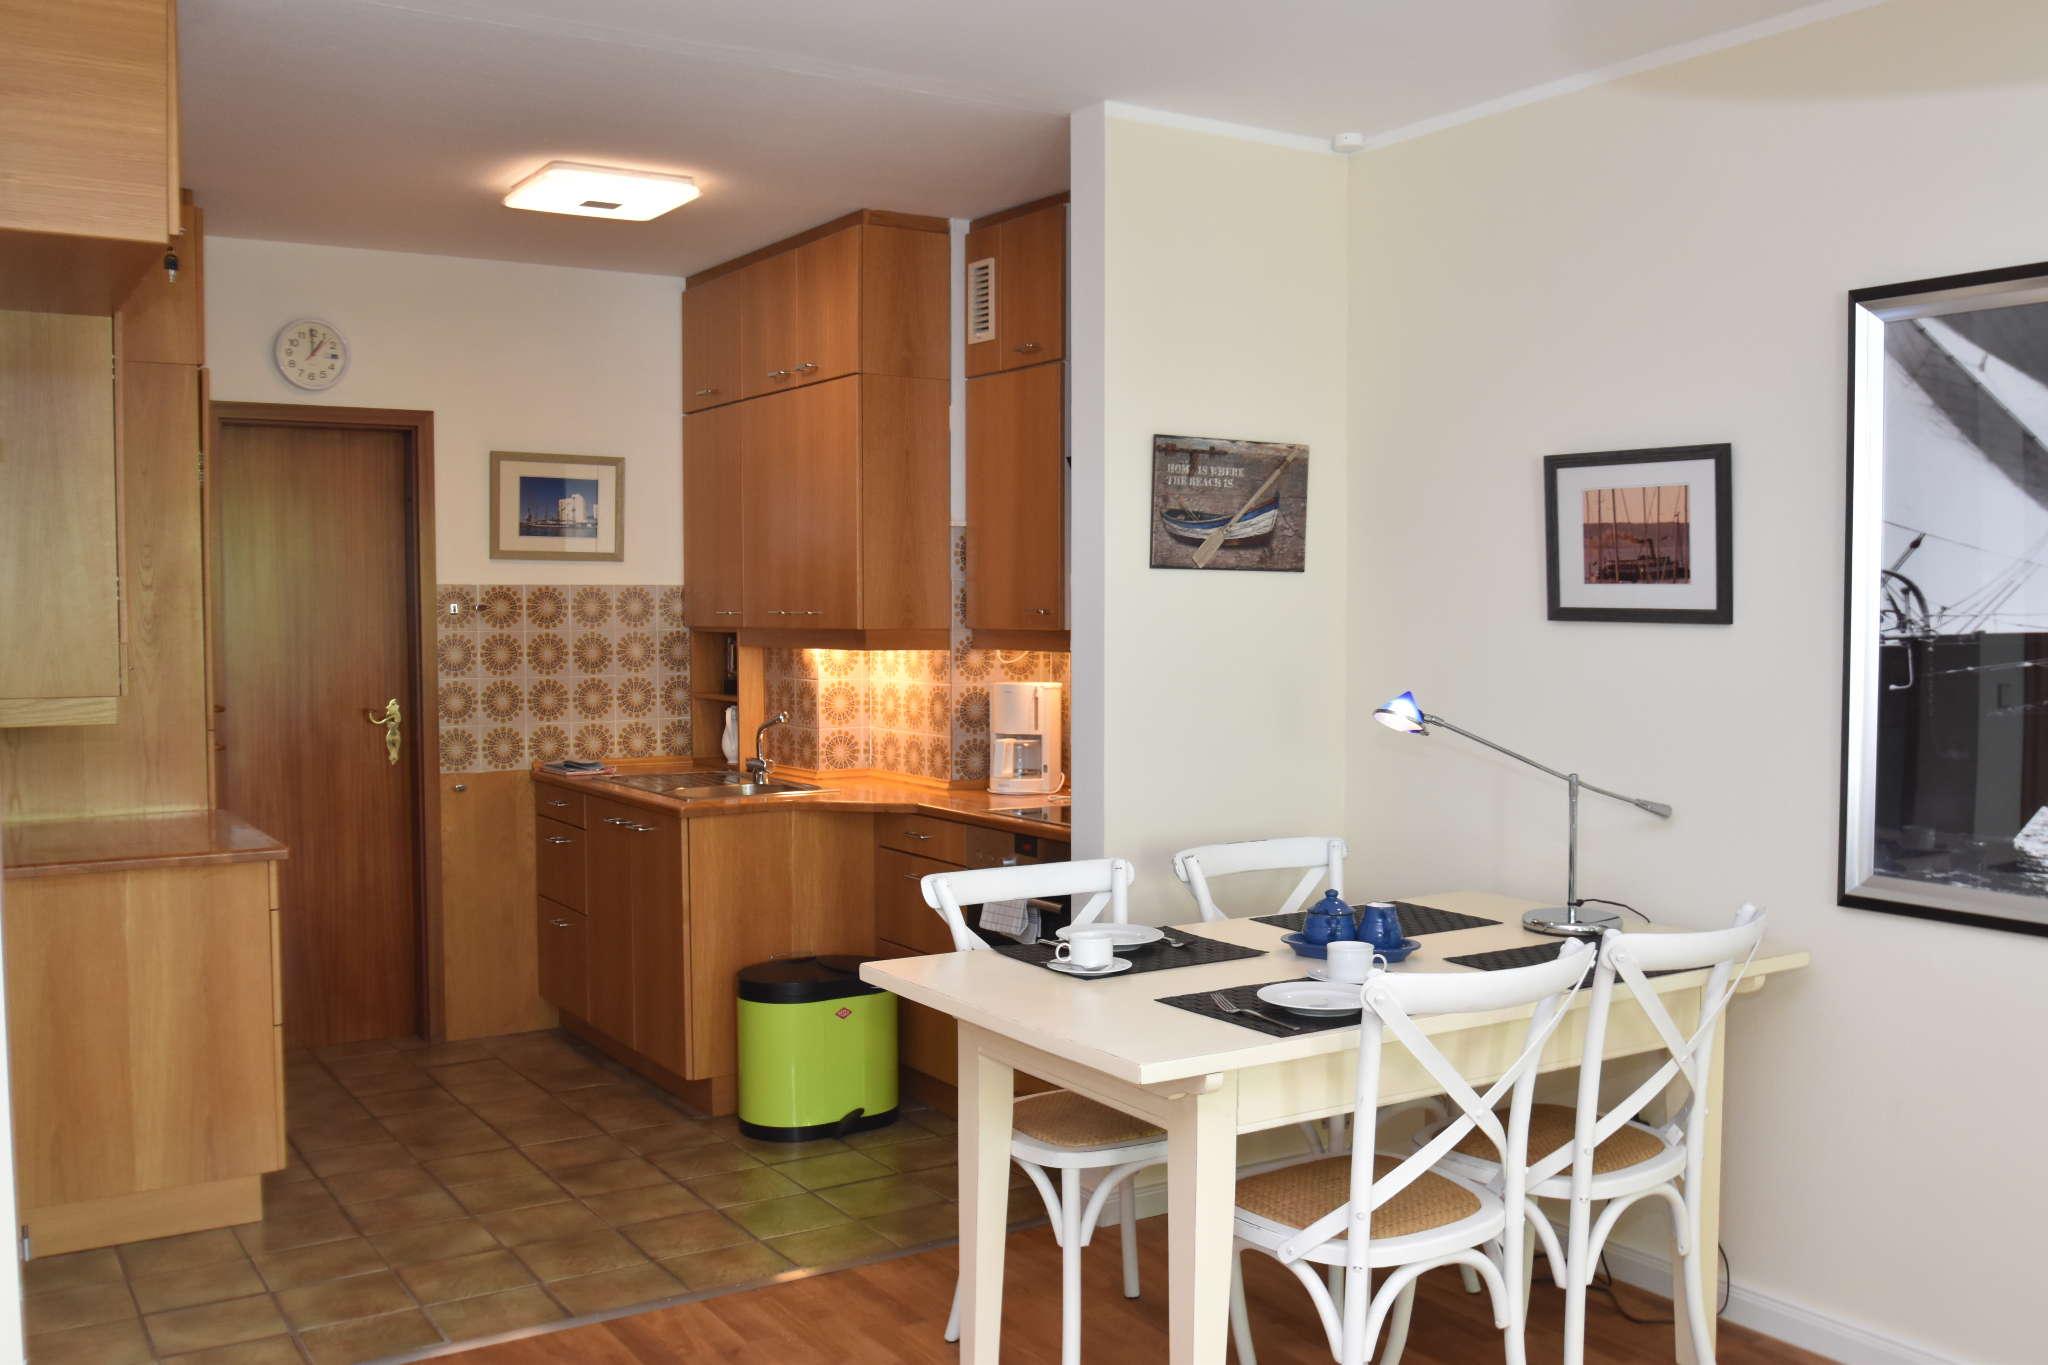 ferienwohnung 39 hafenblick 39 in flensburg schleswig holstein g nter blankenagel. Black Bedroom Furniture Sets. Home Design Ideas